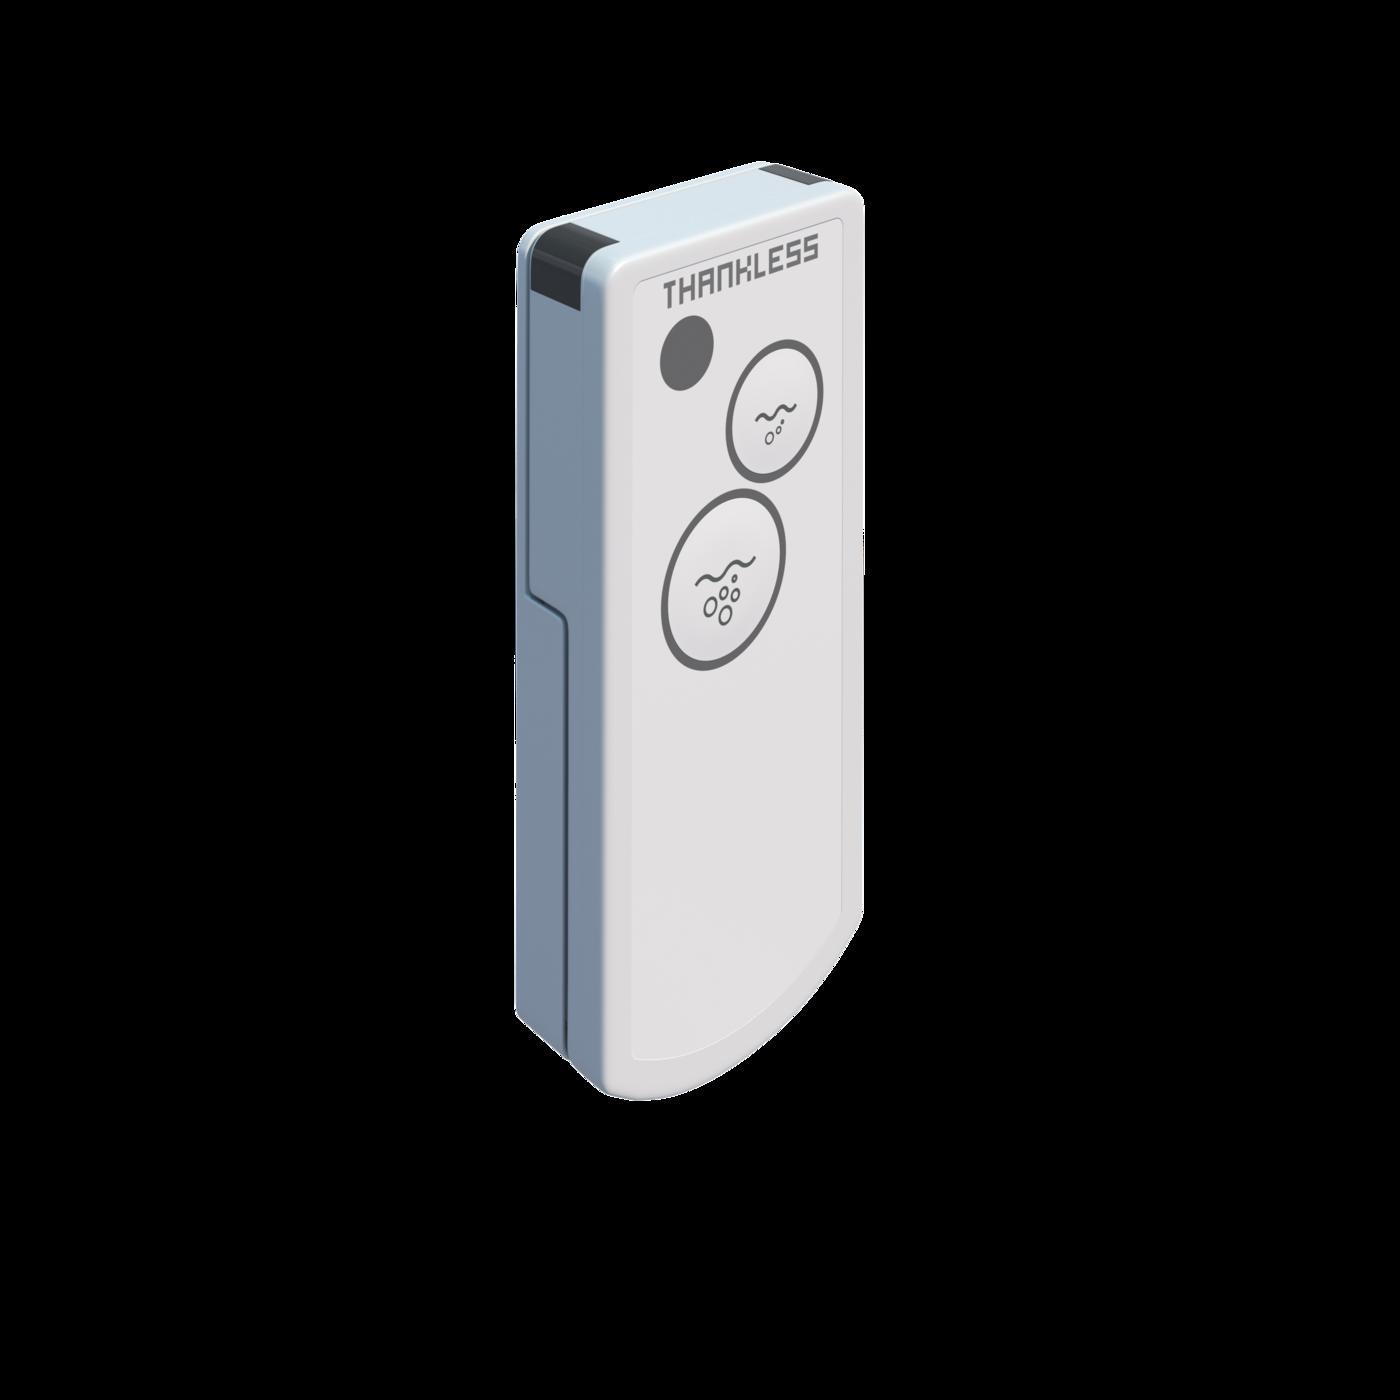 Bidet Remote